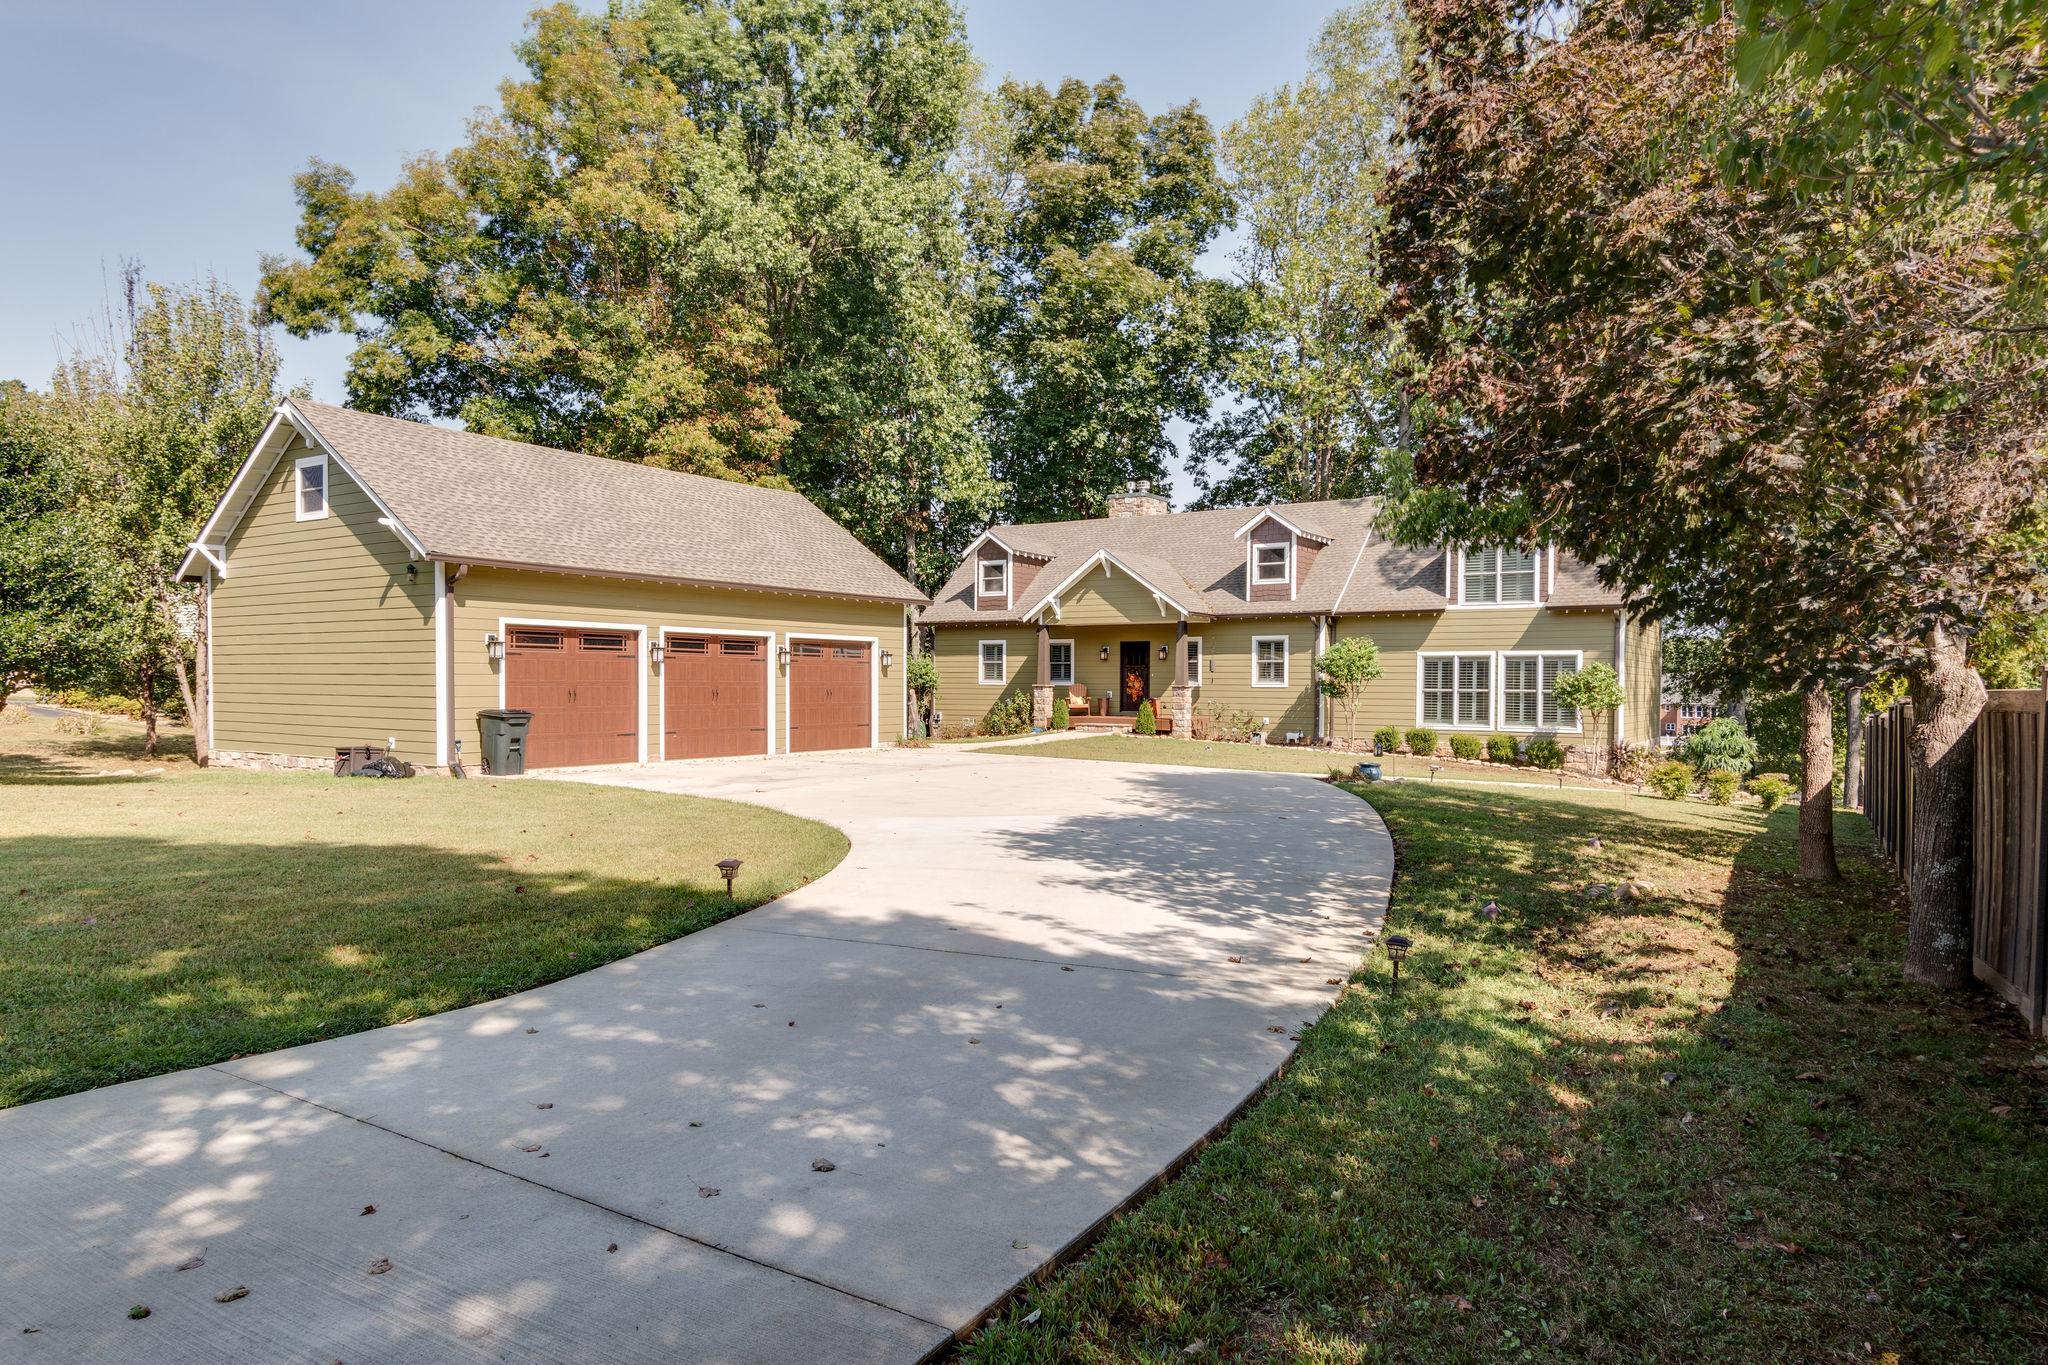 148 Bjs Lndg, Estill Springs, TN 37330 - Estill Springs, TN real estate listing